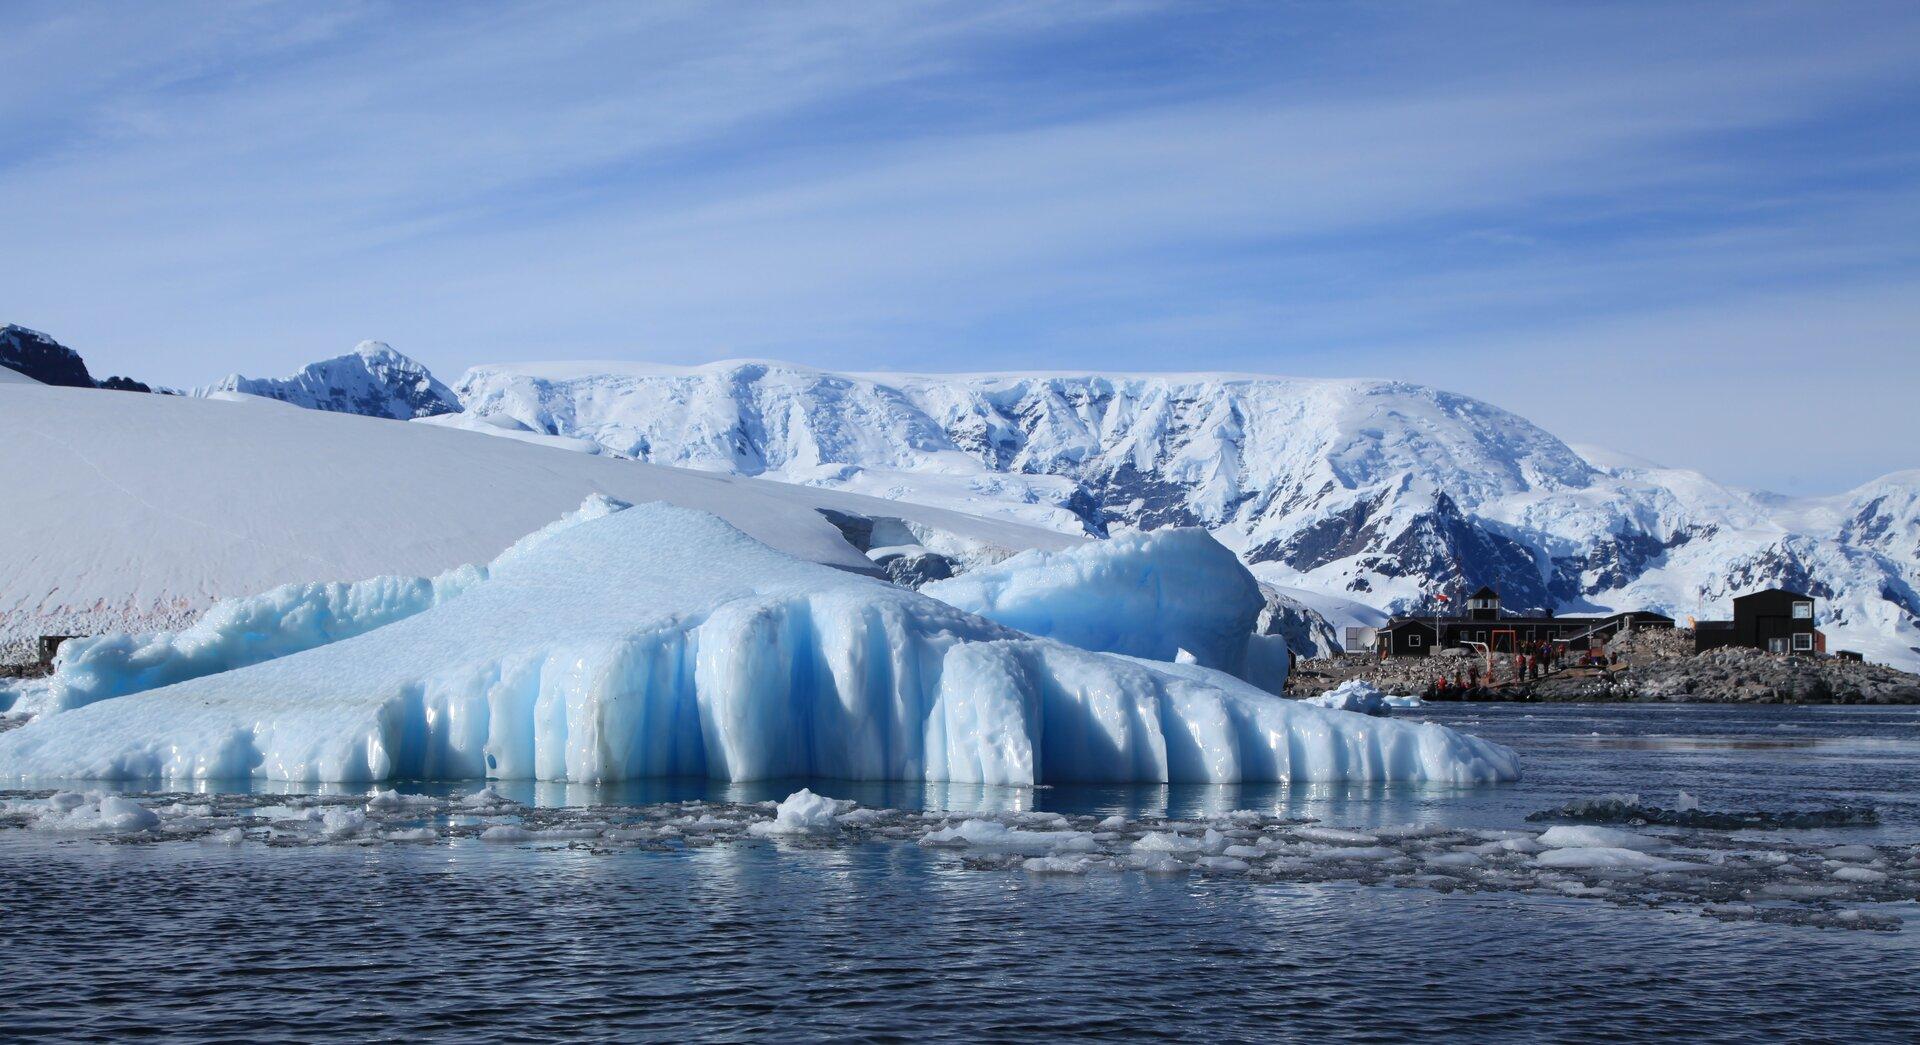 Na pierwszym planie morze. Dalej bryła lodu wystająca zwody iośnieżony brzeg. Wtle ośnieżone góry. Ustóp gór zabudowania na jedynym nieośnieżonym fragmencie gruntu.